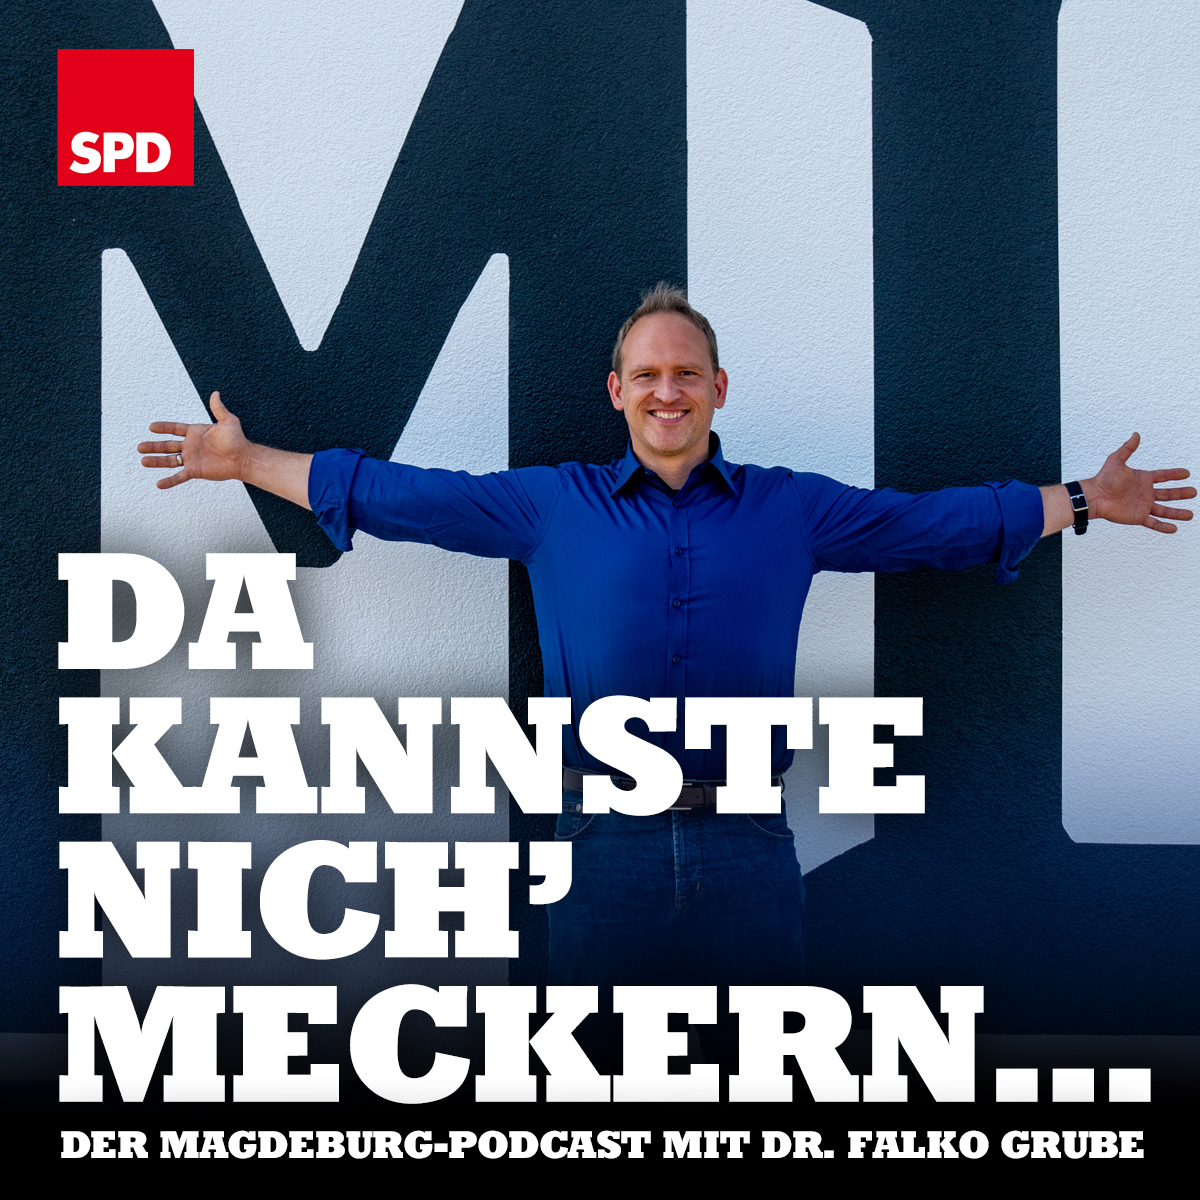 Magdeburg-Podcast von und mit Dr. Falko Grube